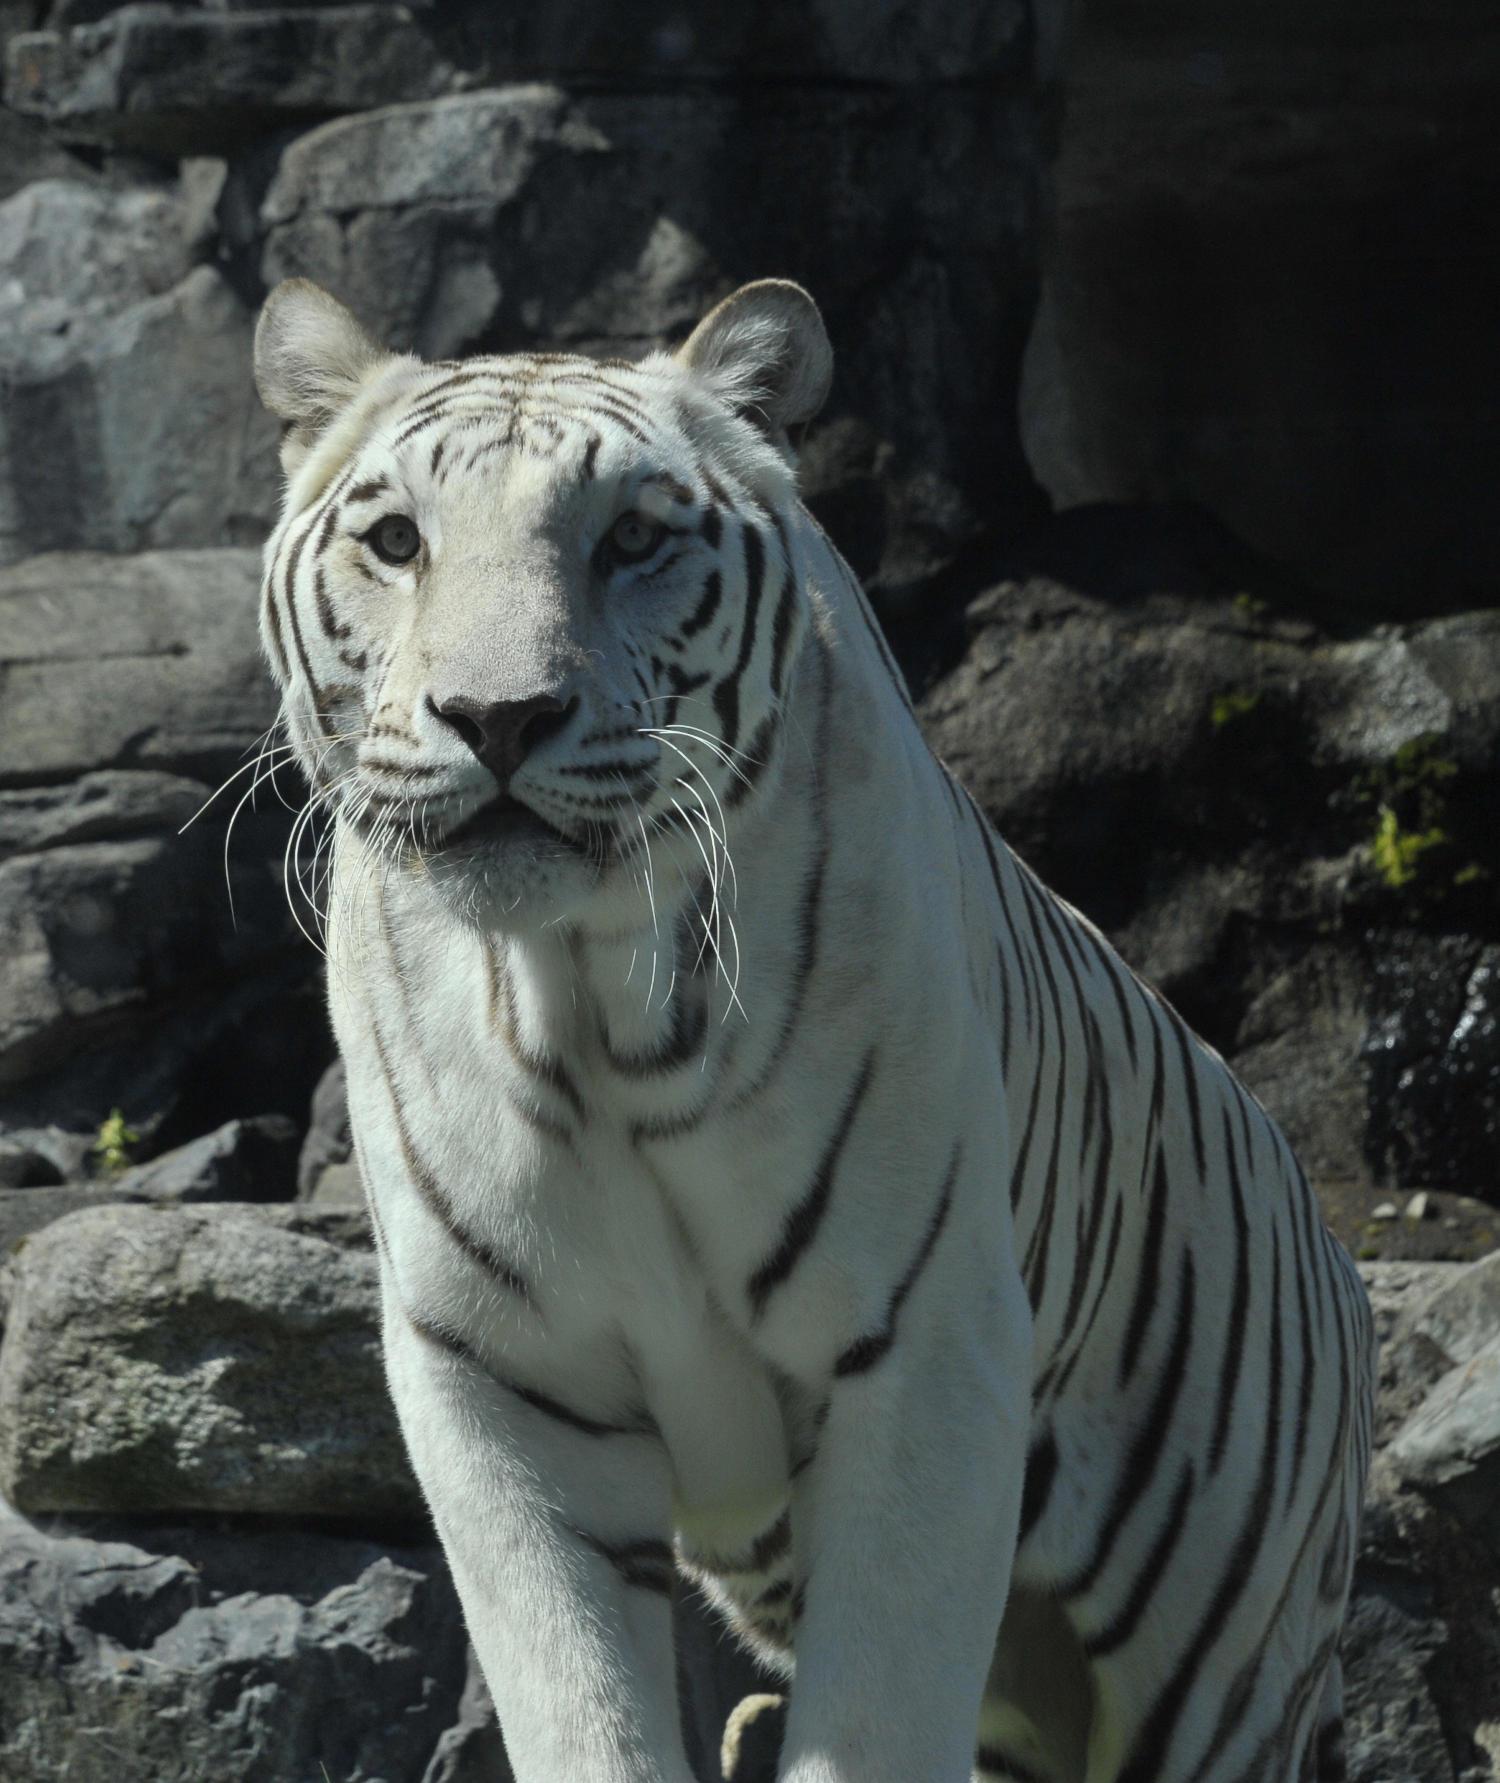 bengal tiger looking at camera